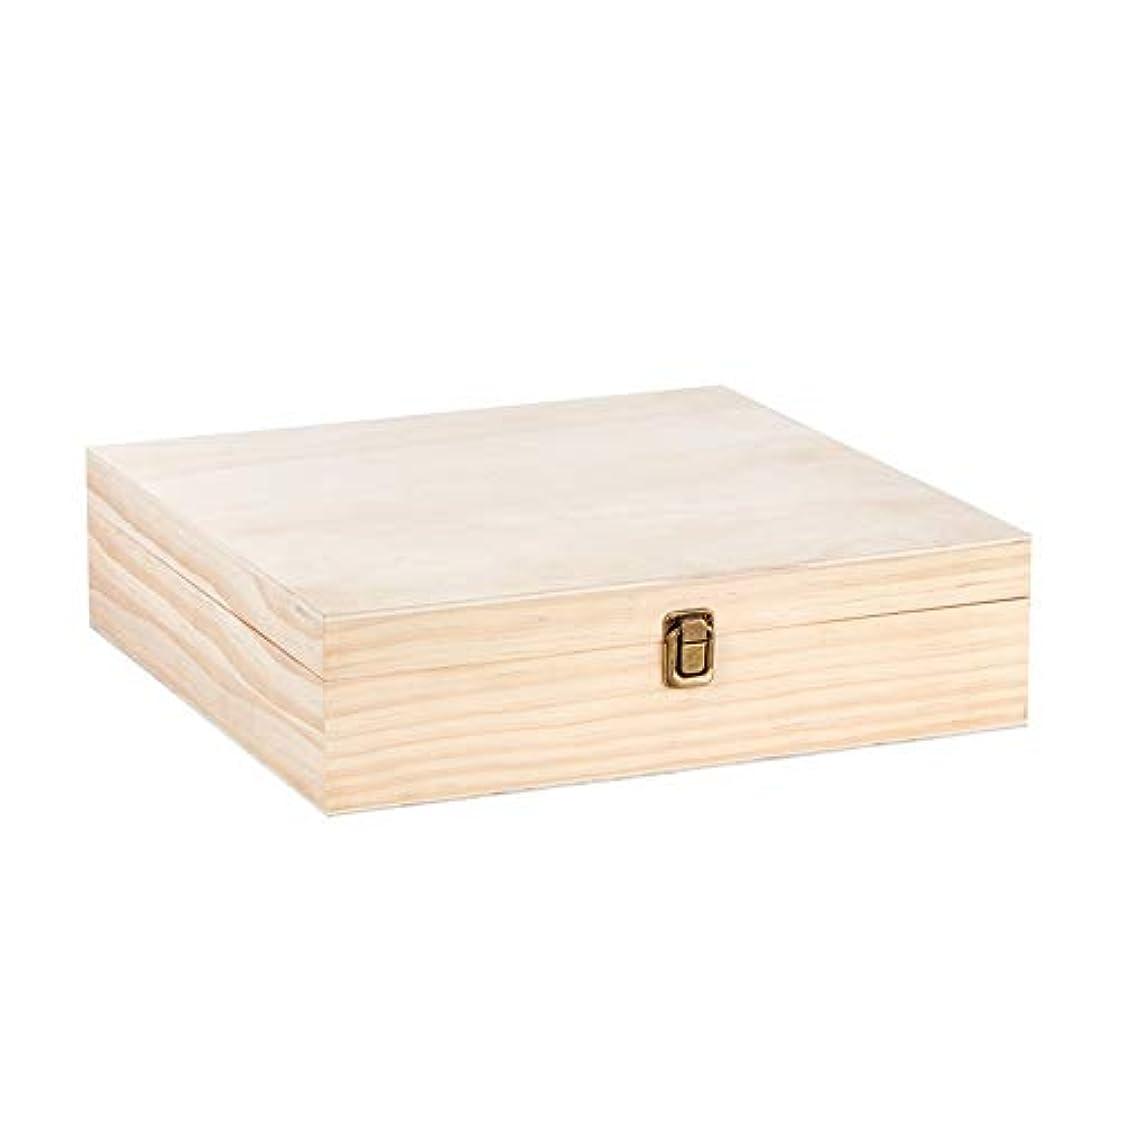 アラートヒール夕暮れエッセンシャルオイルボックス 油および10mlのローラーボトル木材油収納ボックス75鍵穴の87種類のスロット12の5?15ミリリットル アロマセラピー収納ボックス (色 : Natural, サイズ : 25.5X25.5X9.5CM)